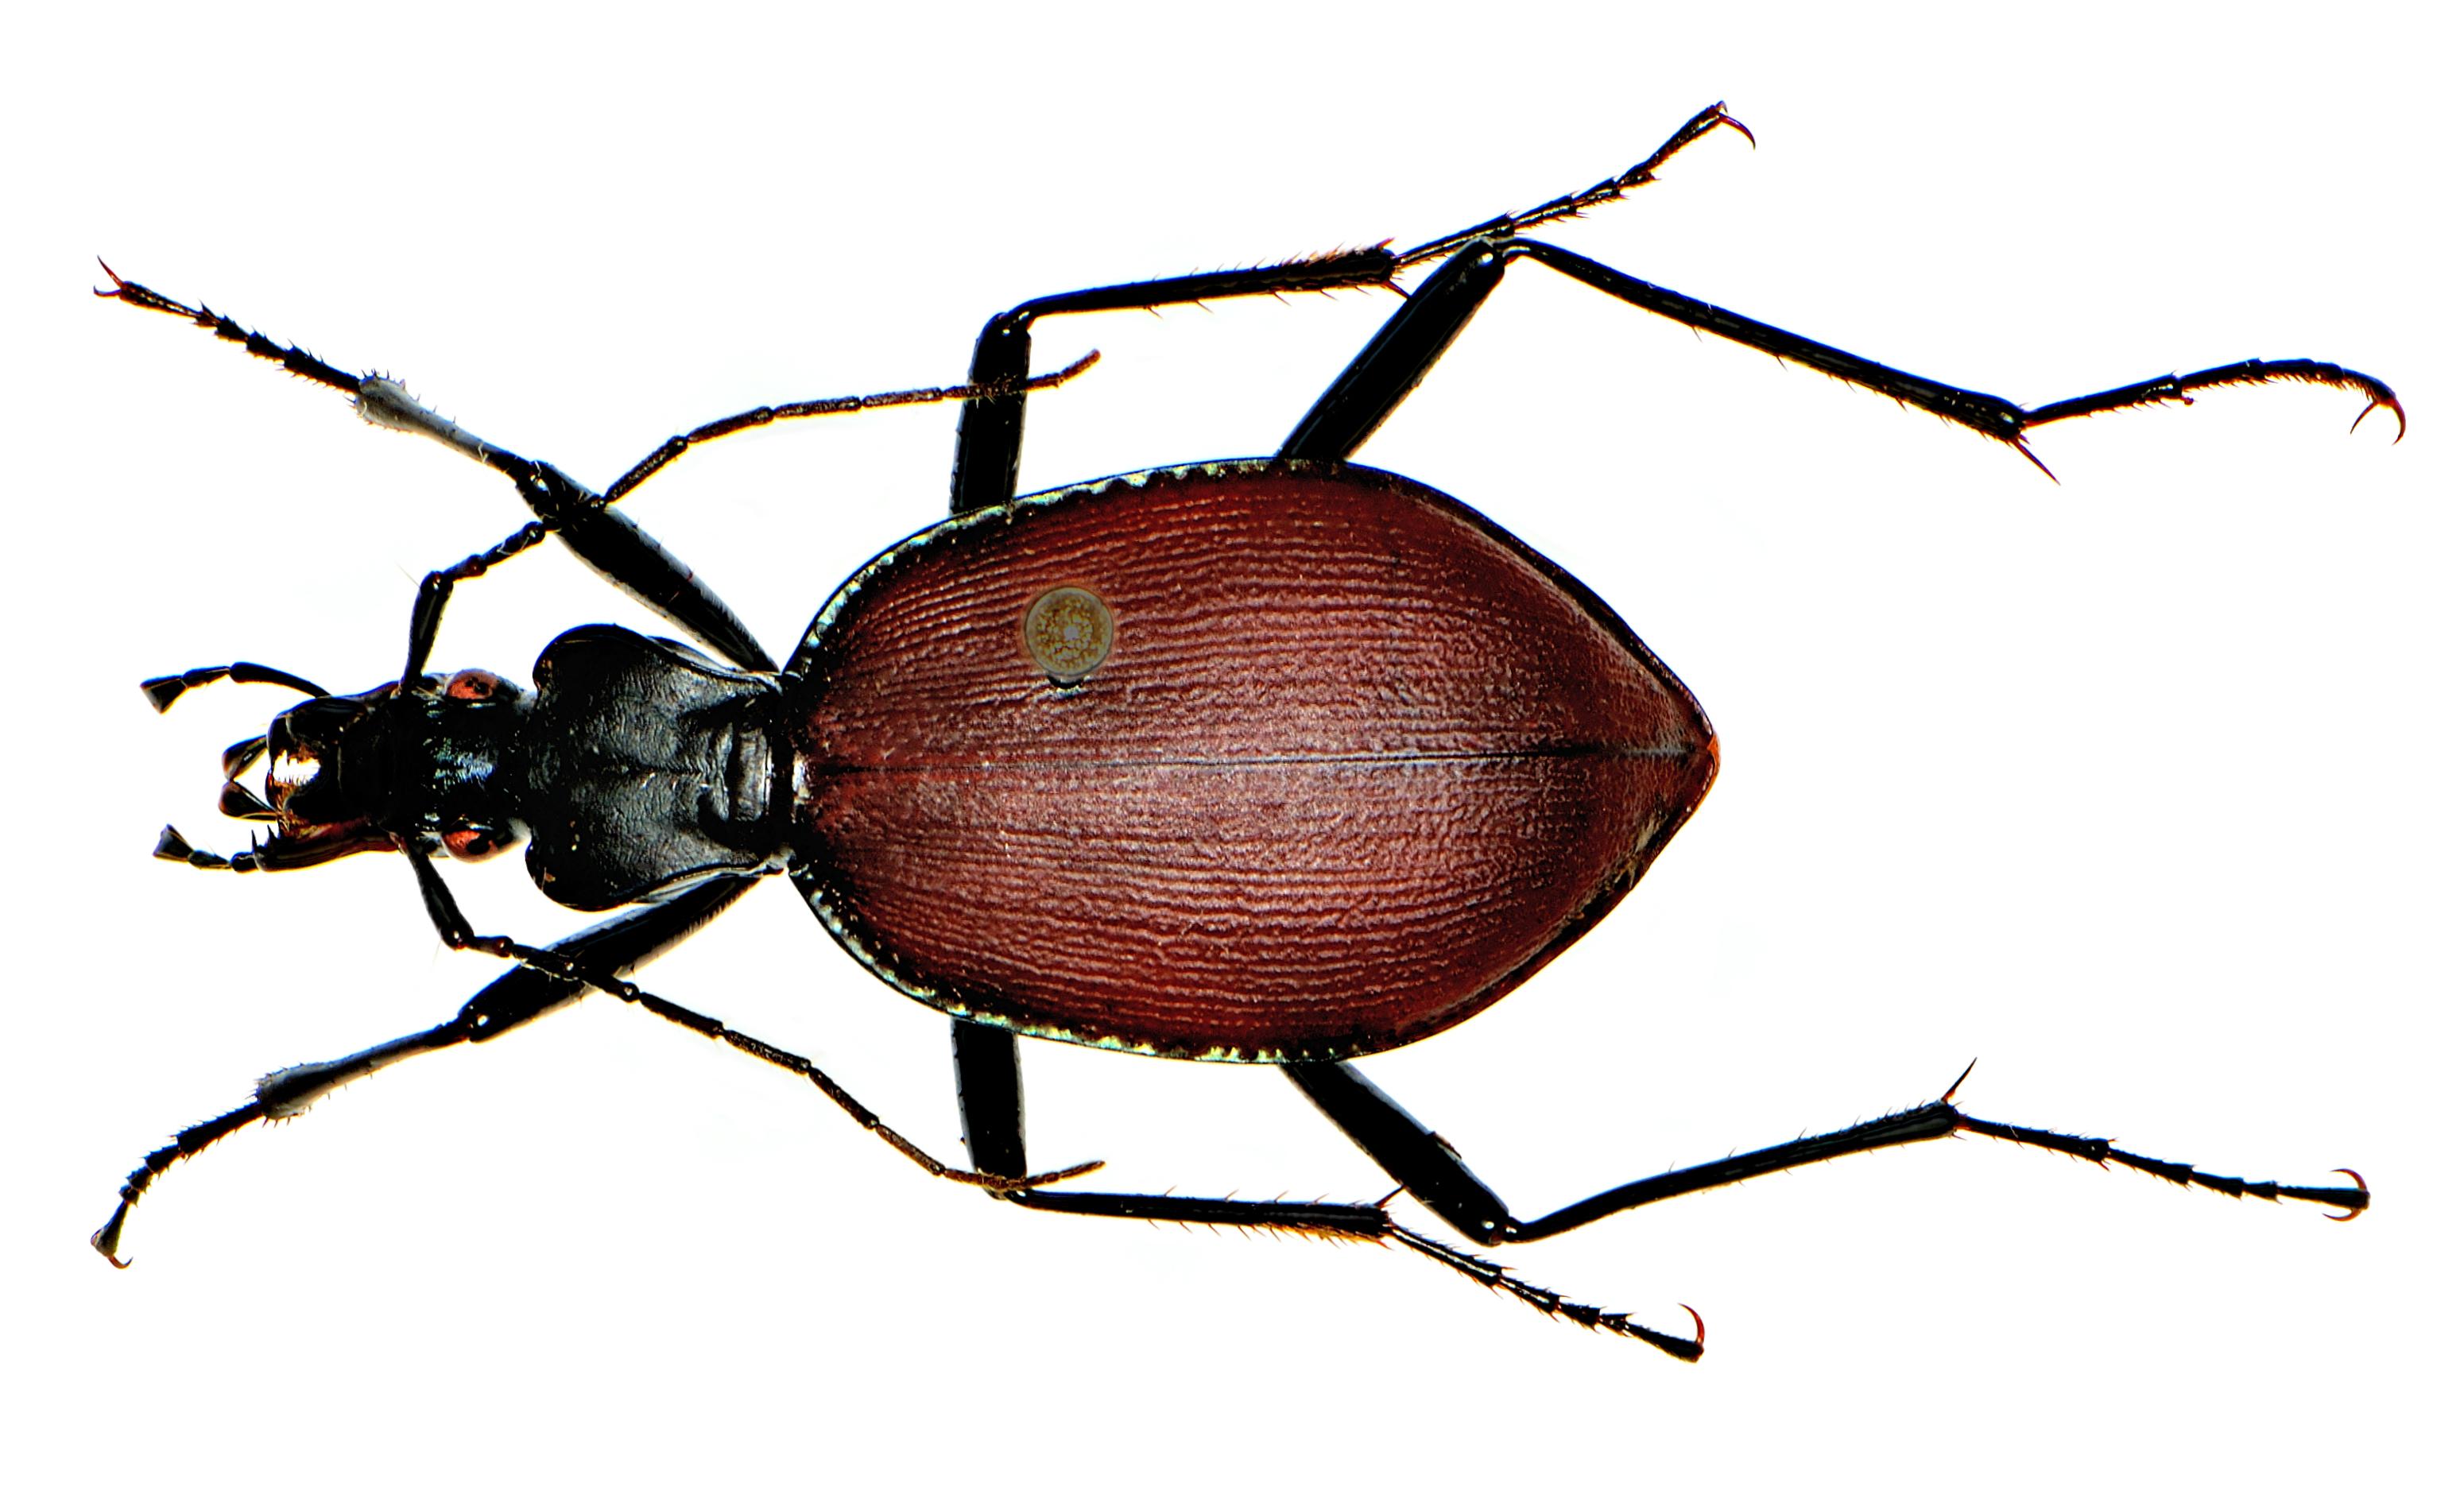 Слизнеед Scaphinotus angusticollis / Wikimedia Commons